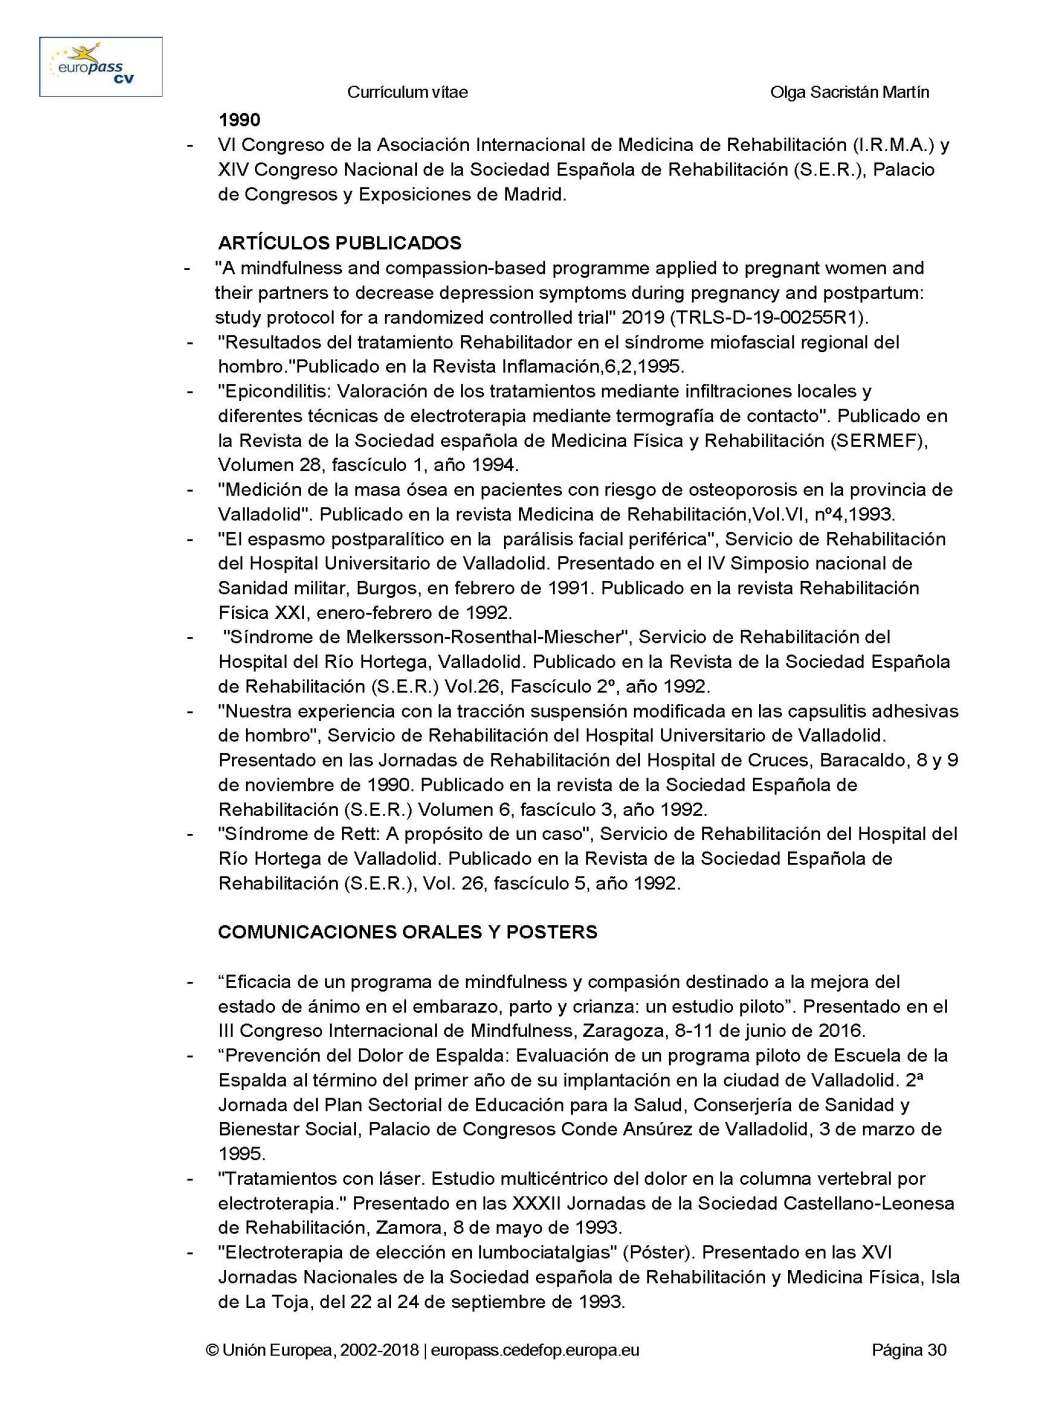 CURRICULUM EUROPASS DRA. OLGA SACRISTAN 2020_Página_30